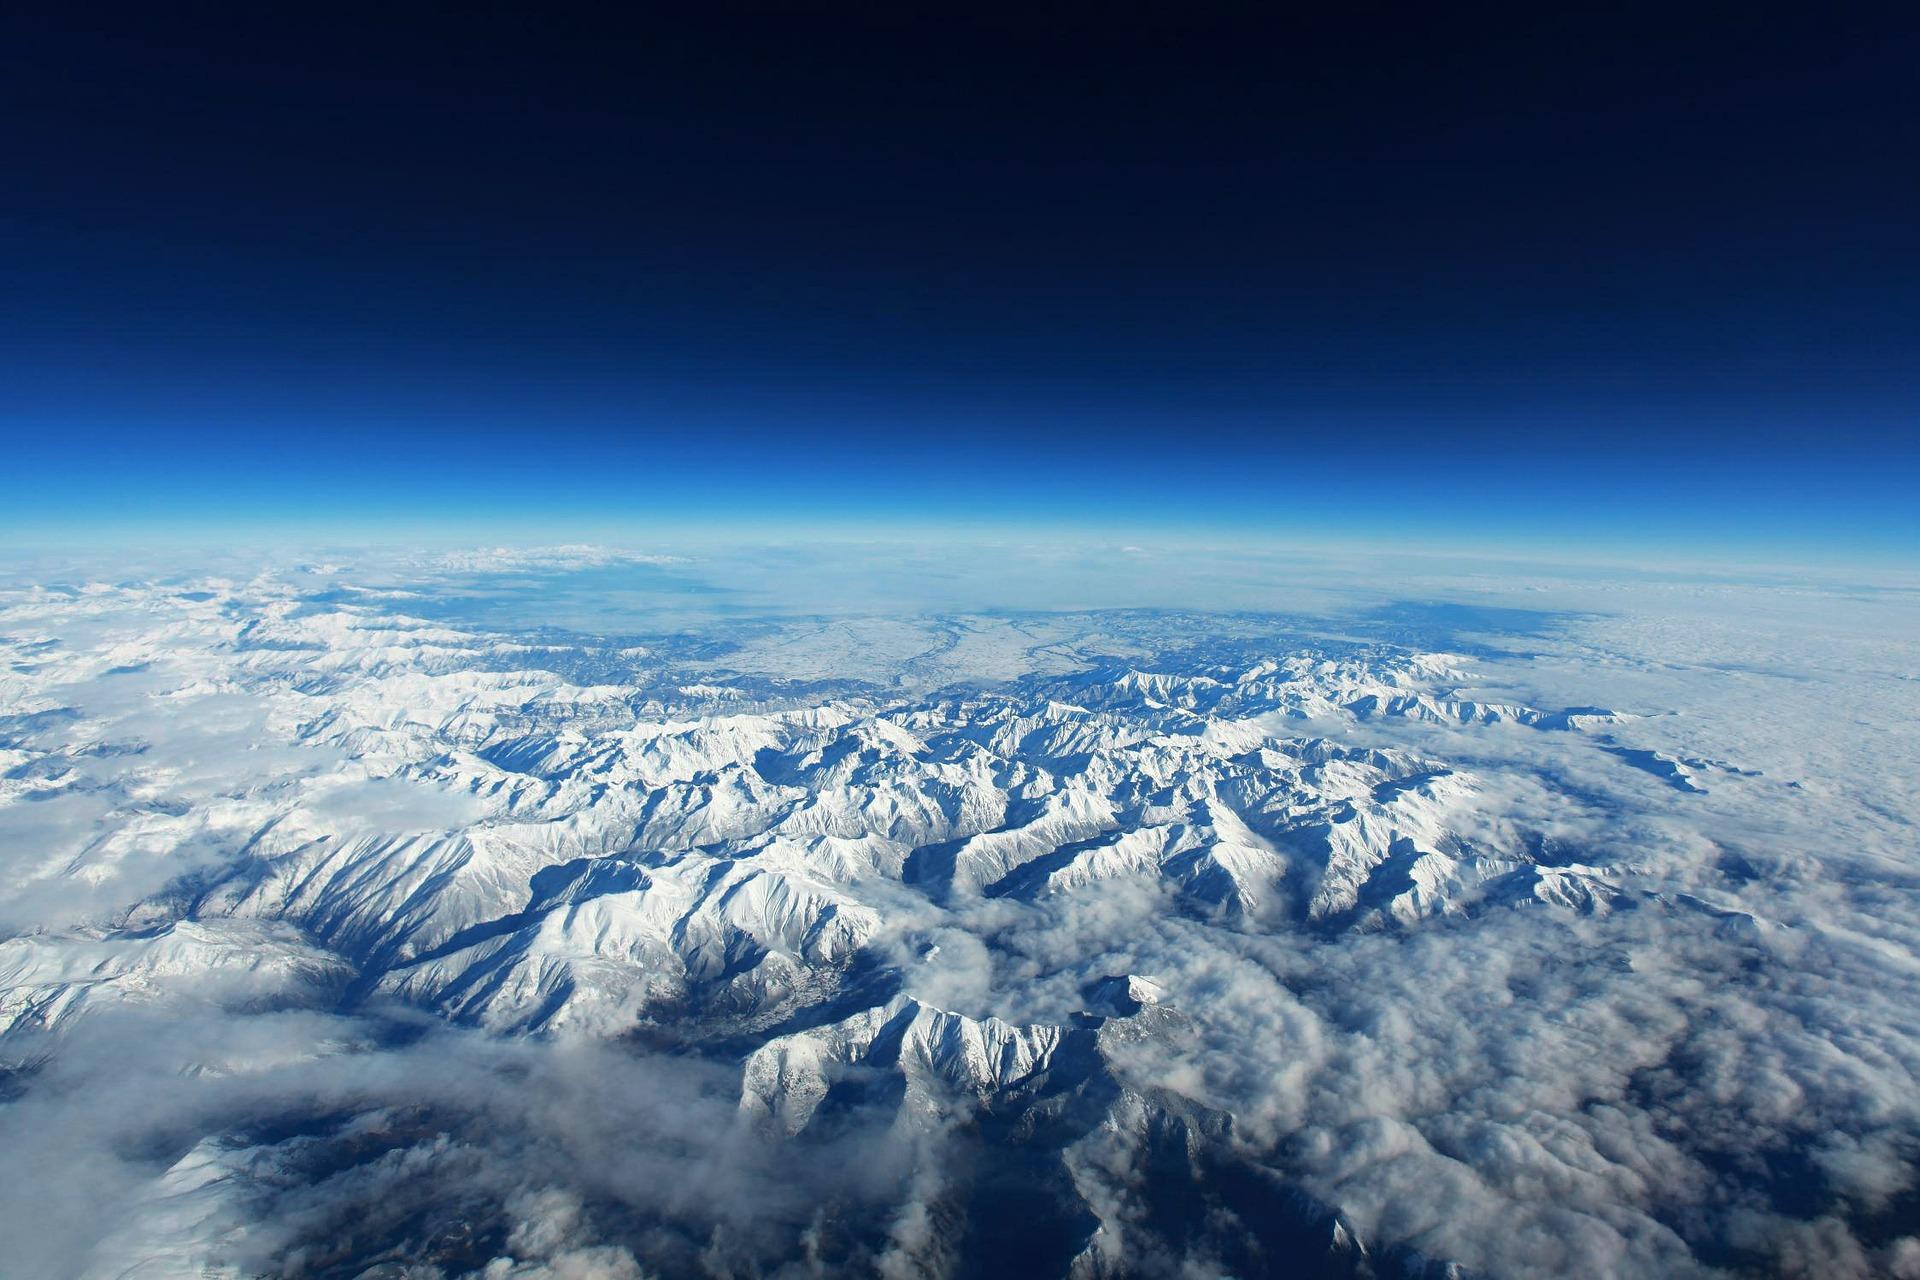 Vue aérienne des Pyrénées